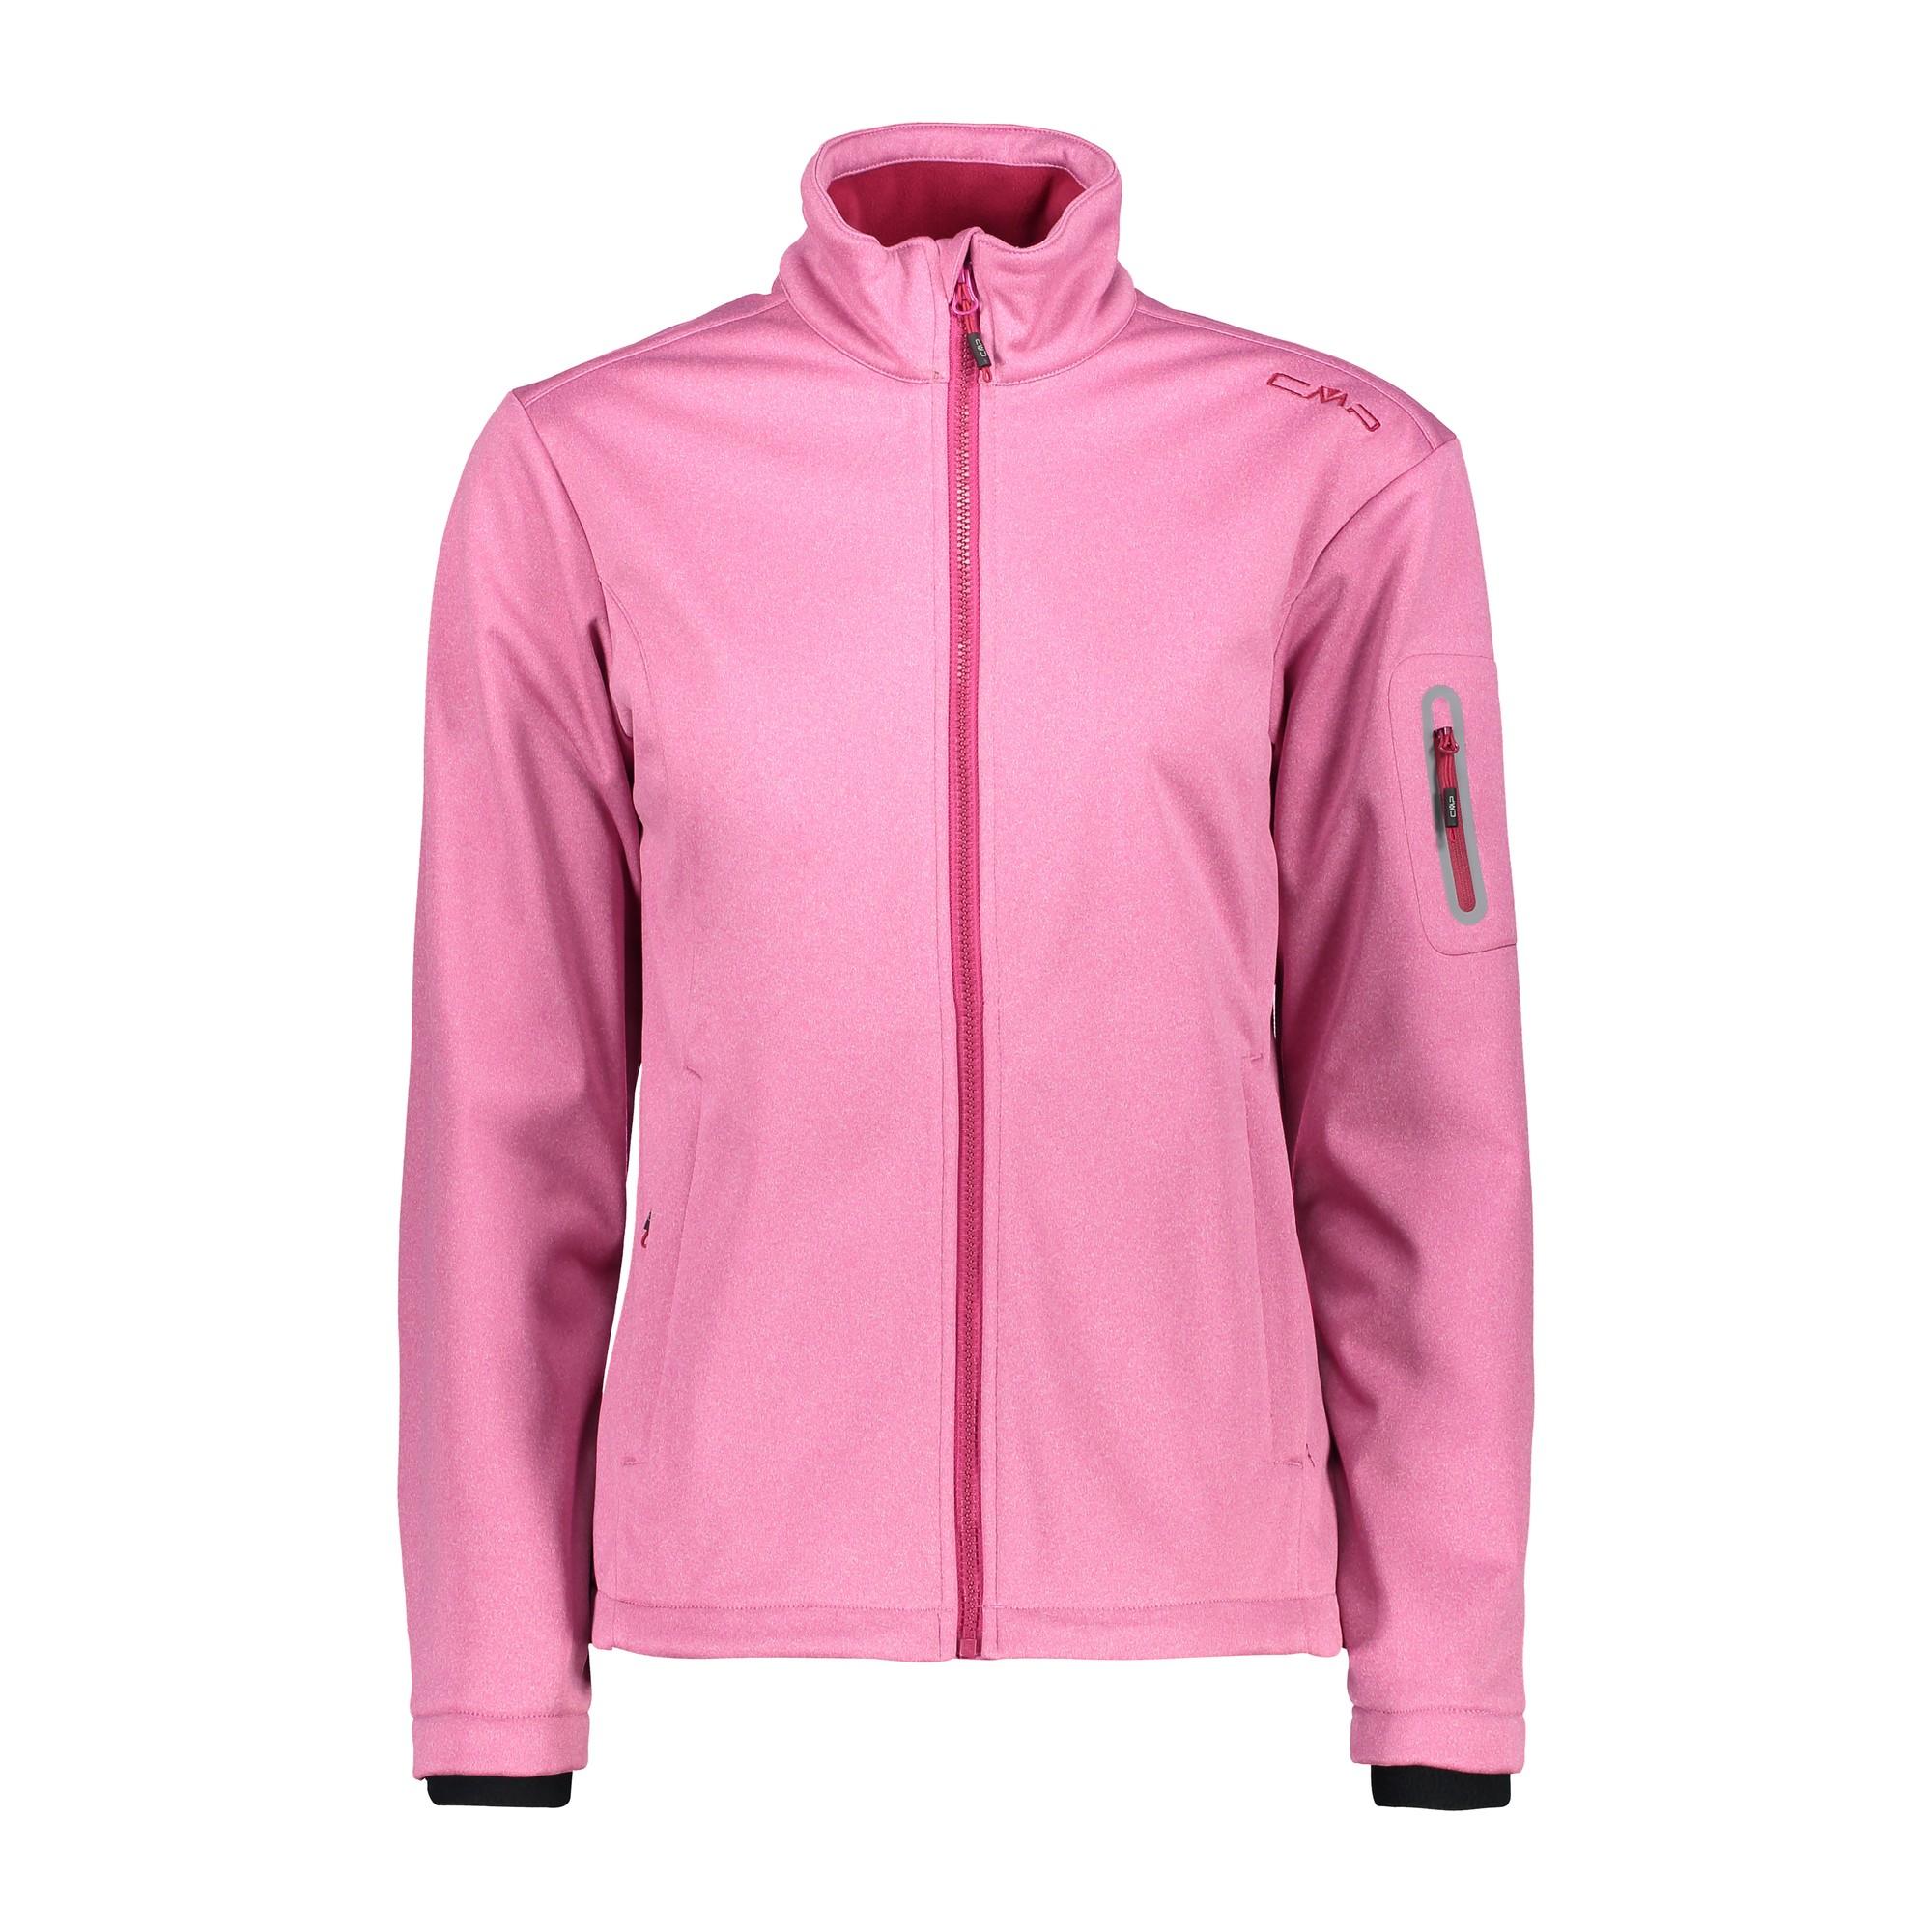 CMP Fleecejacke Jacke GIRL JACKET pink atmungsaktiv wärmend meliert Kinnschutz